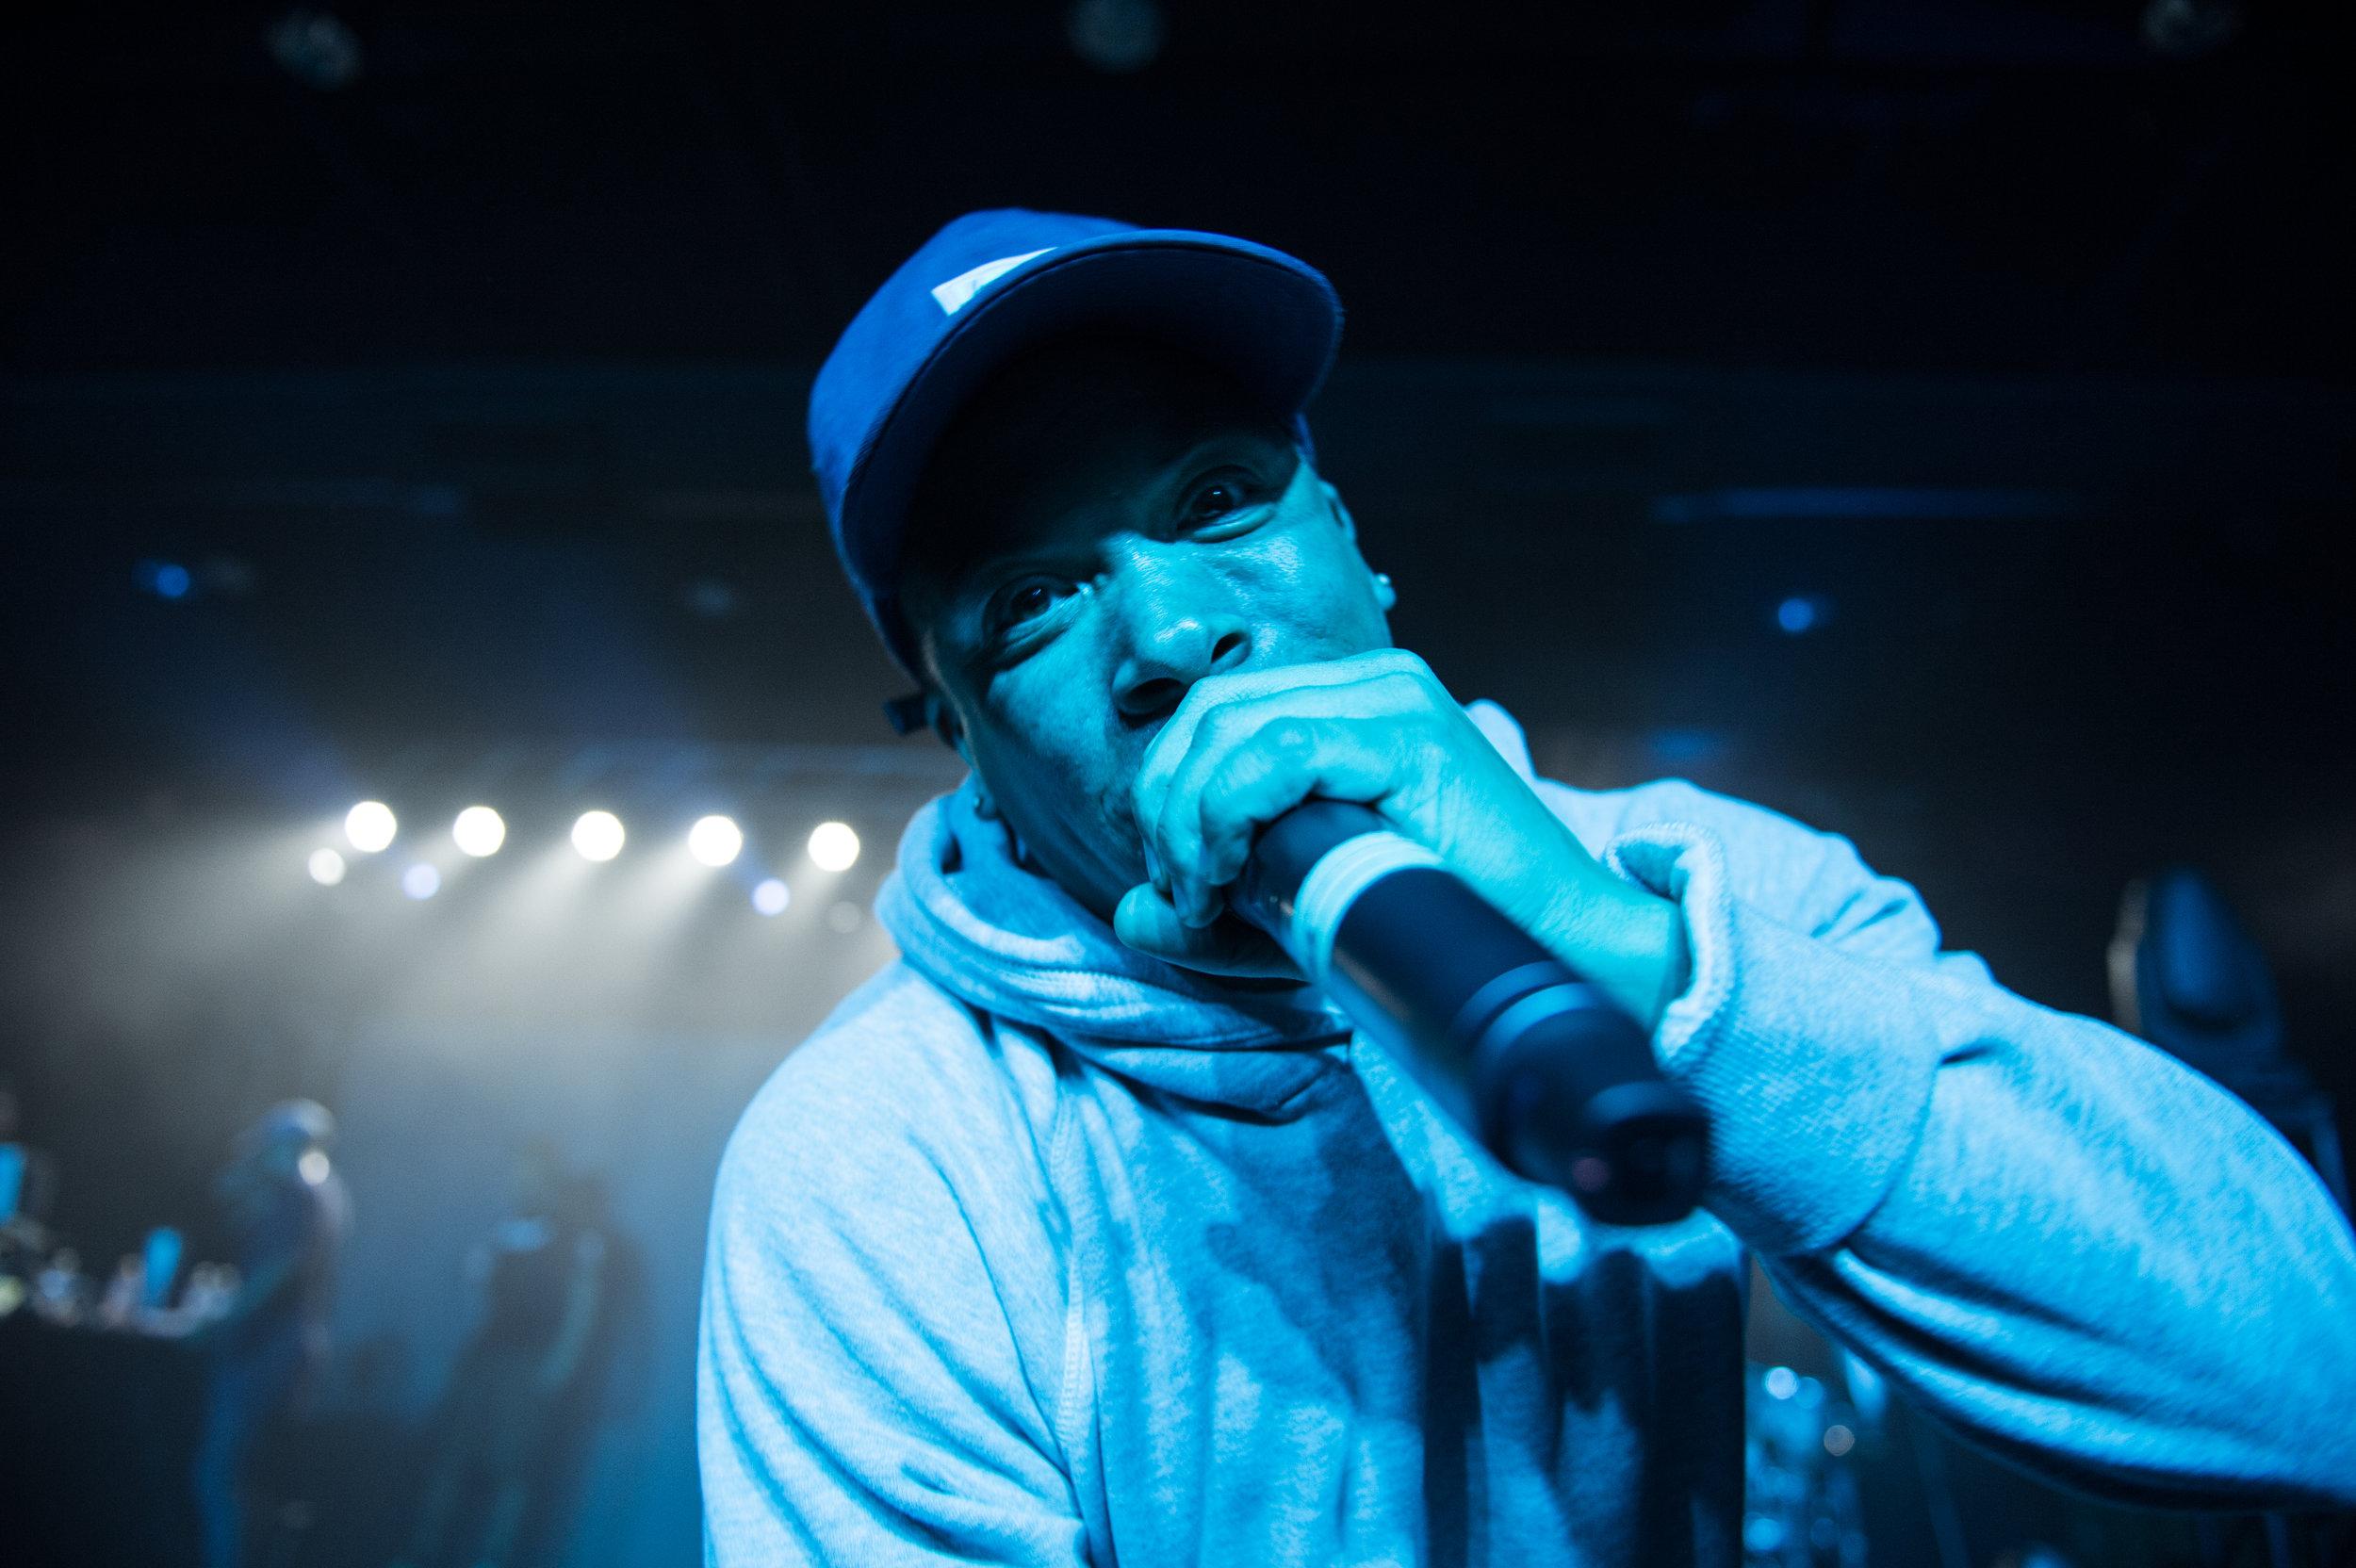 Demerick performing